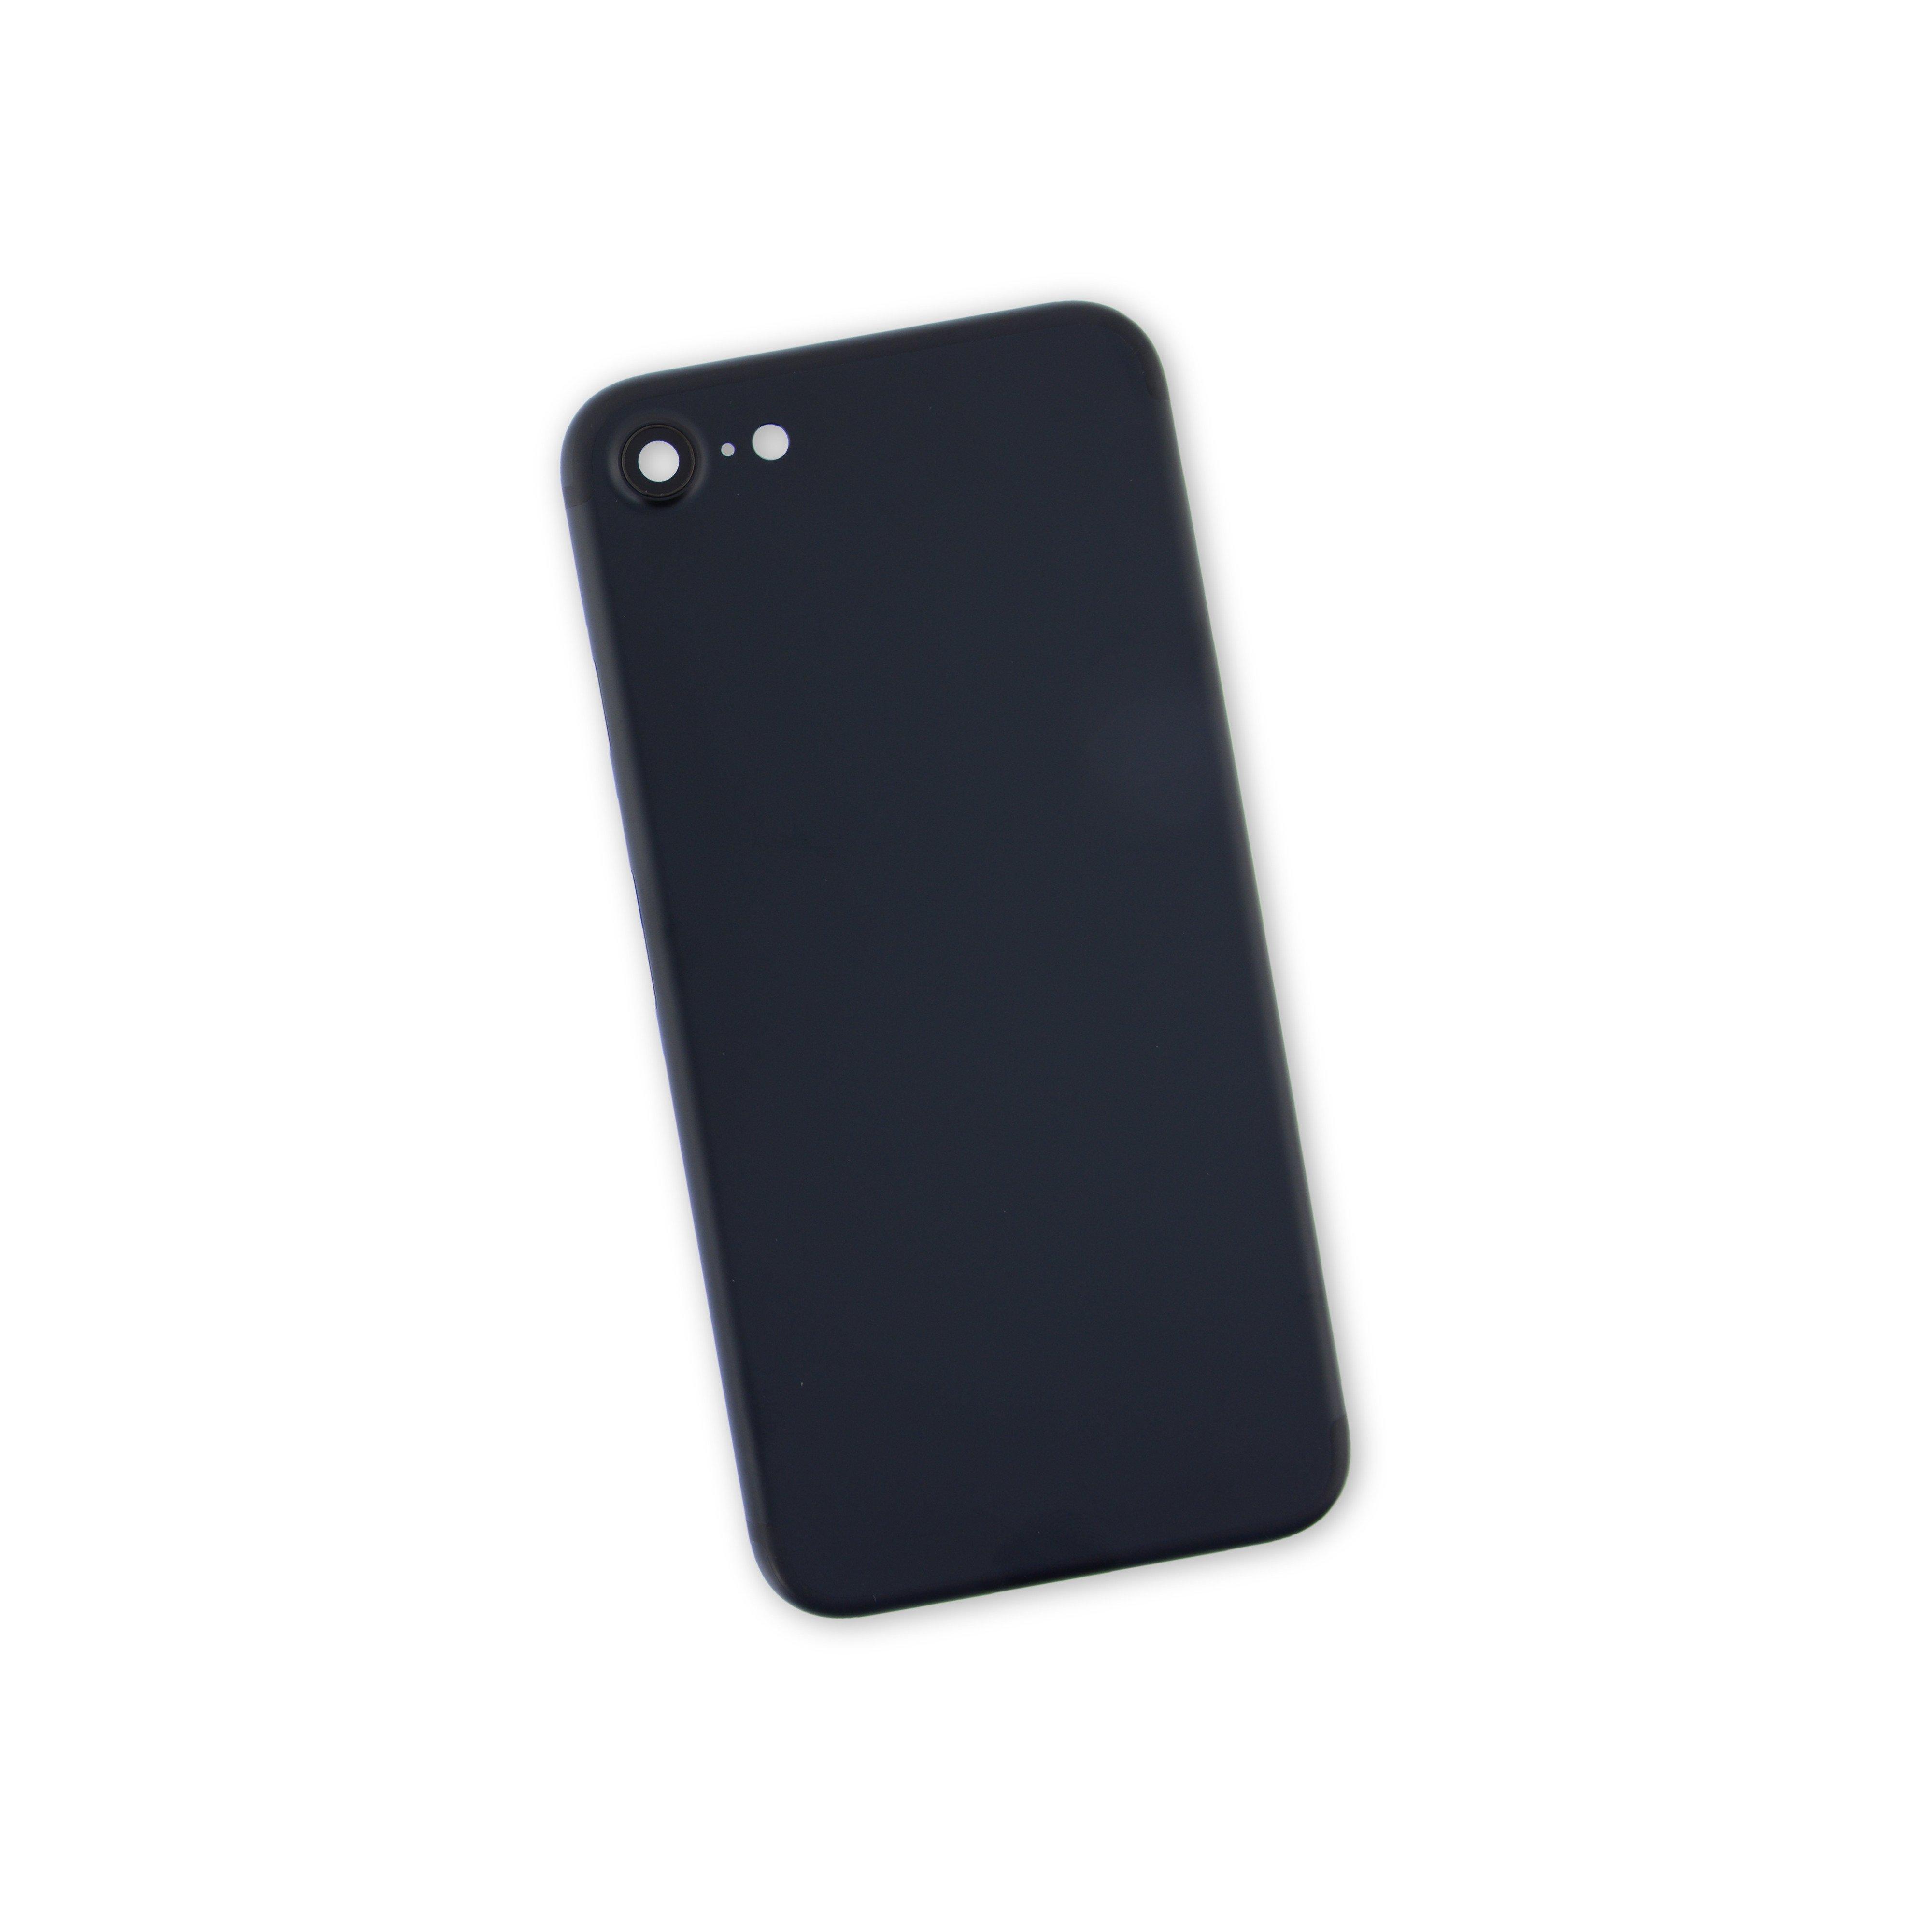 Imagen de iPhone 7 Blank Rear Case